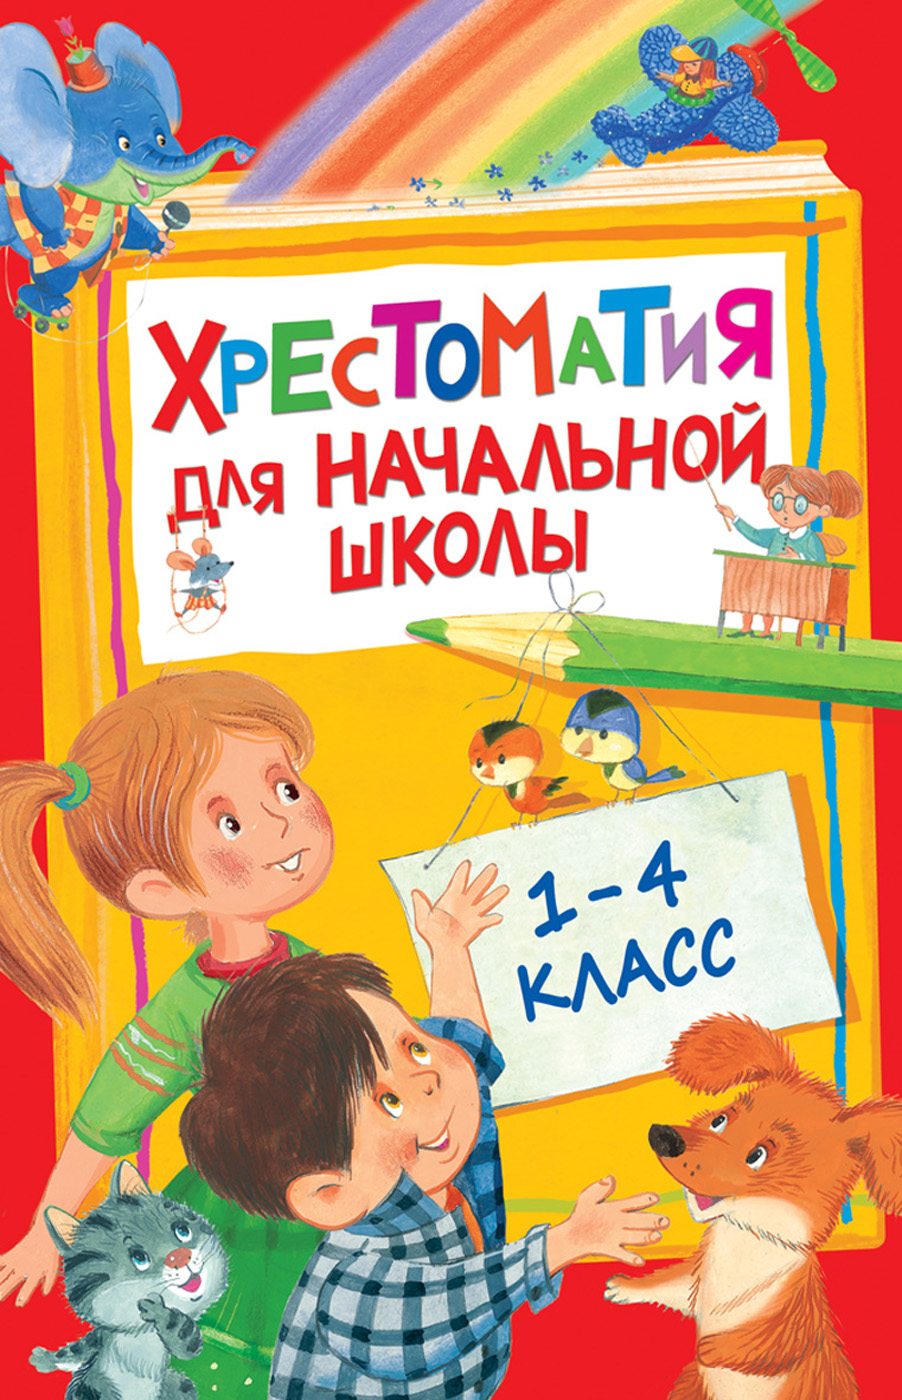 Барто А.Л. Хрестоматия для начальной школы. 1-4 класс цена и фото